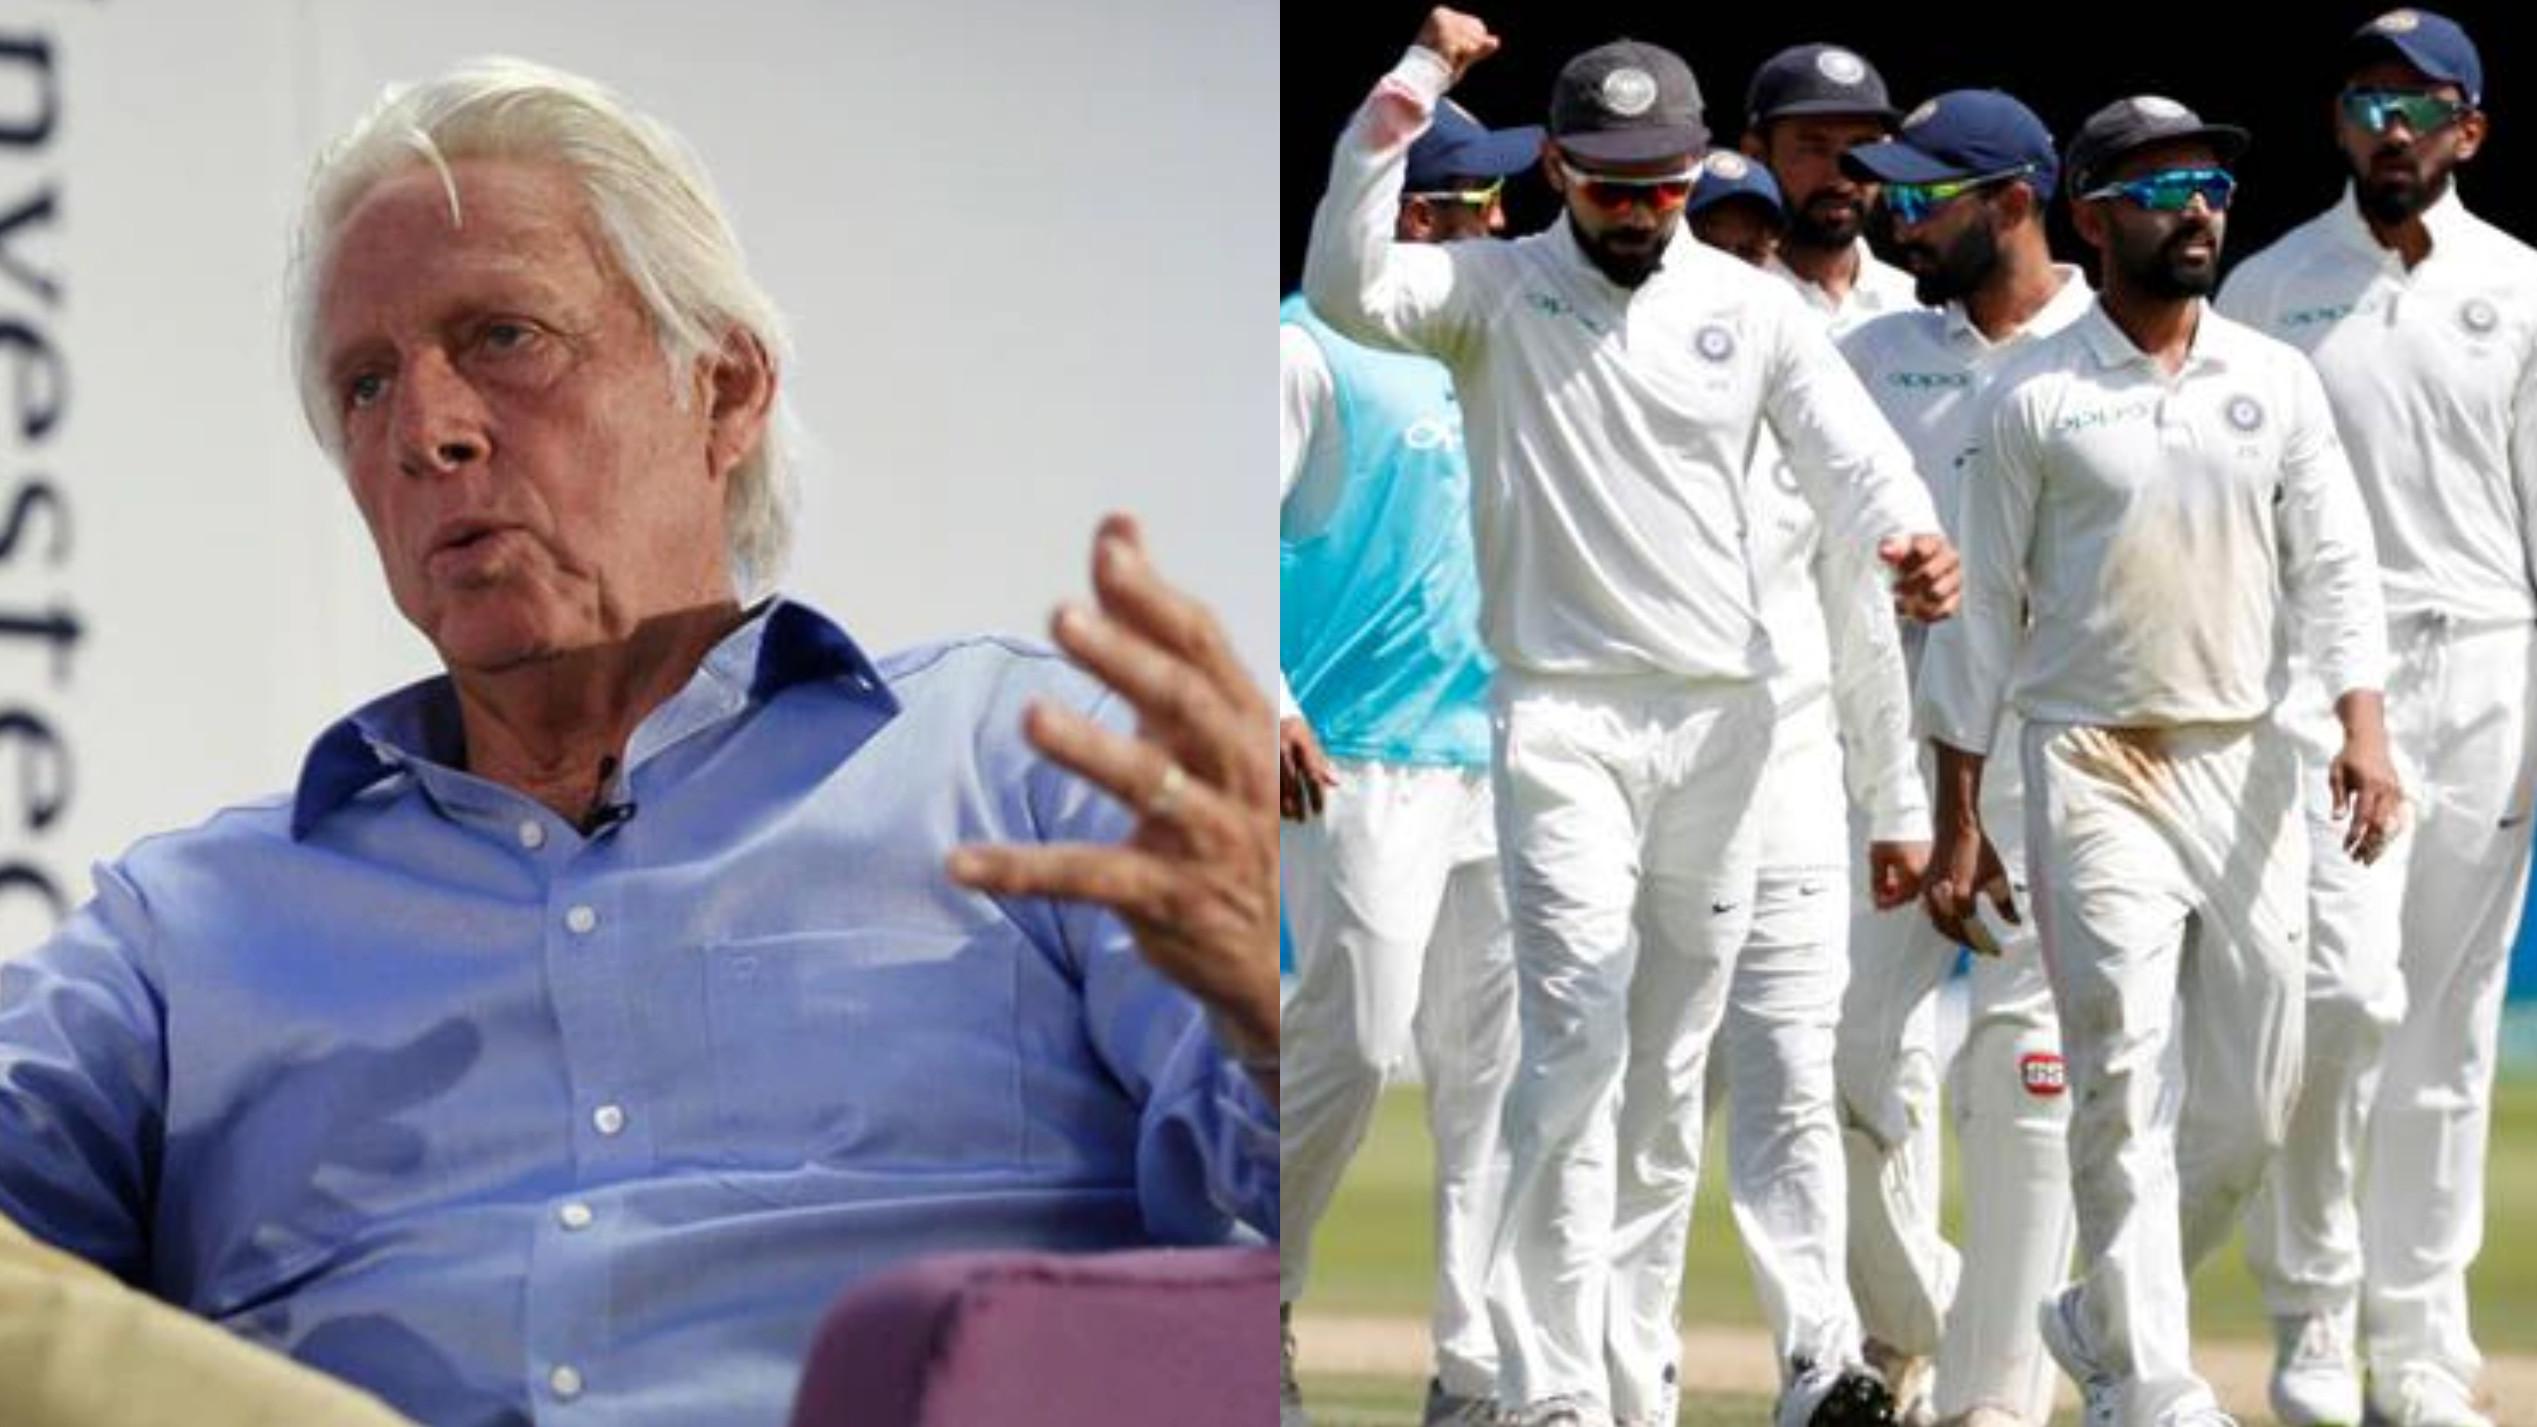 जेफ थॉमसन के अनुसार टीम इंडिया, स्मिथ और वार्नर के बिना ऑस्ट्रेलिया में जीत की हैं प्रबल दावेदार